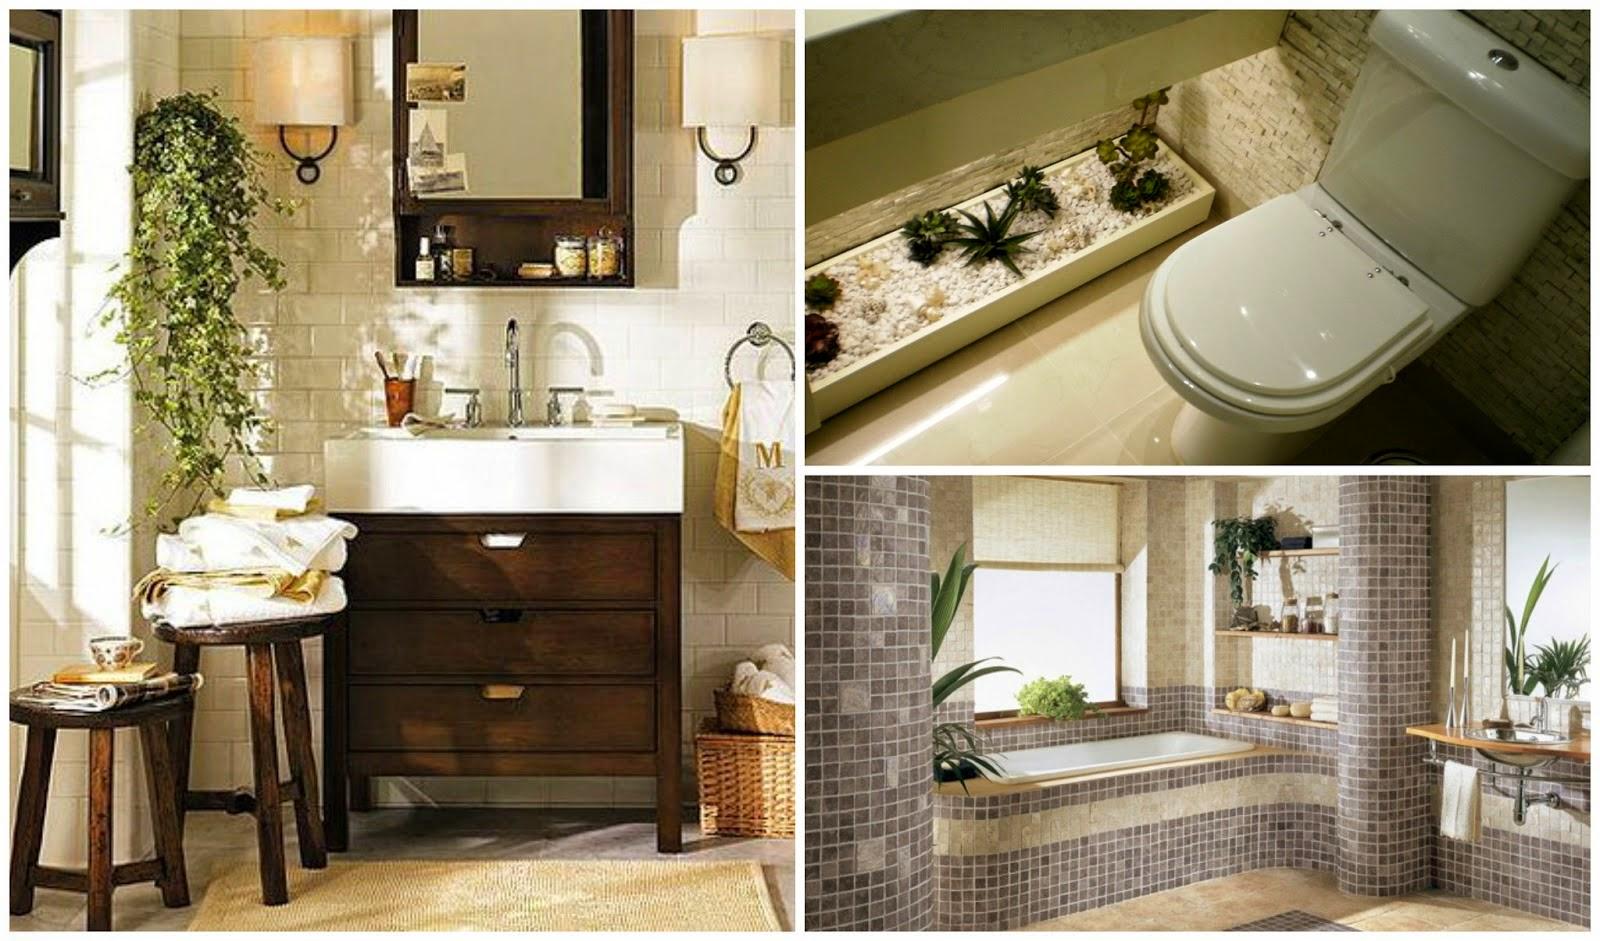 #946F37 Obrigada pela visita. 1600x941 px plantas para banheiro feng shui